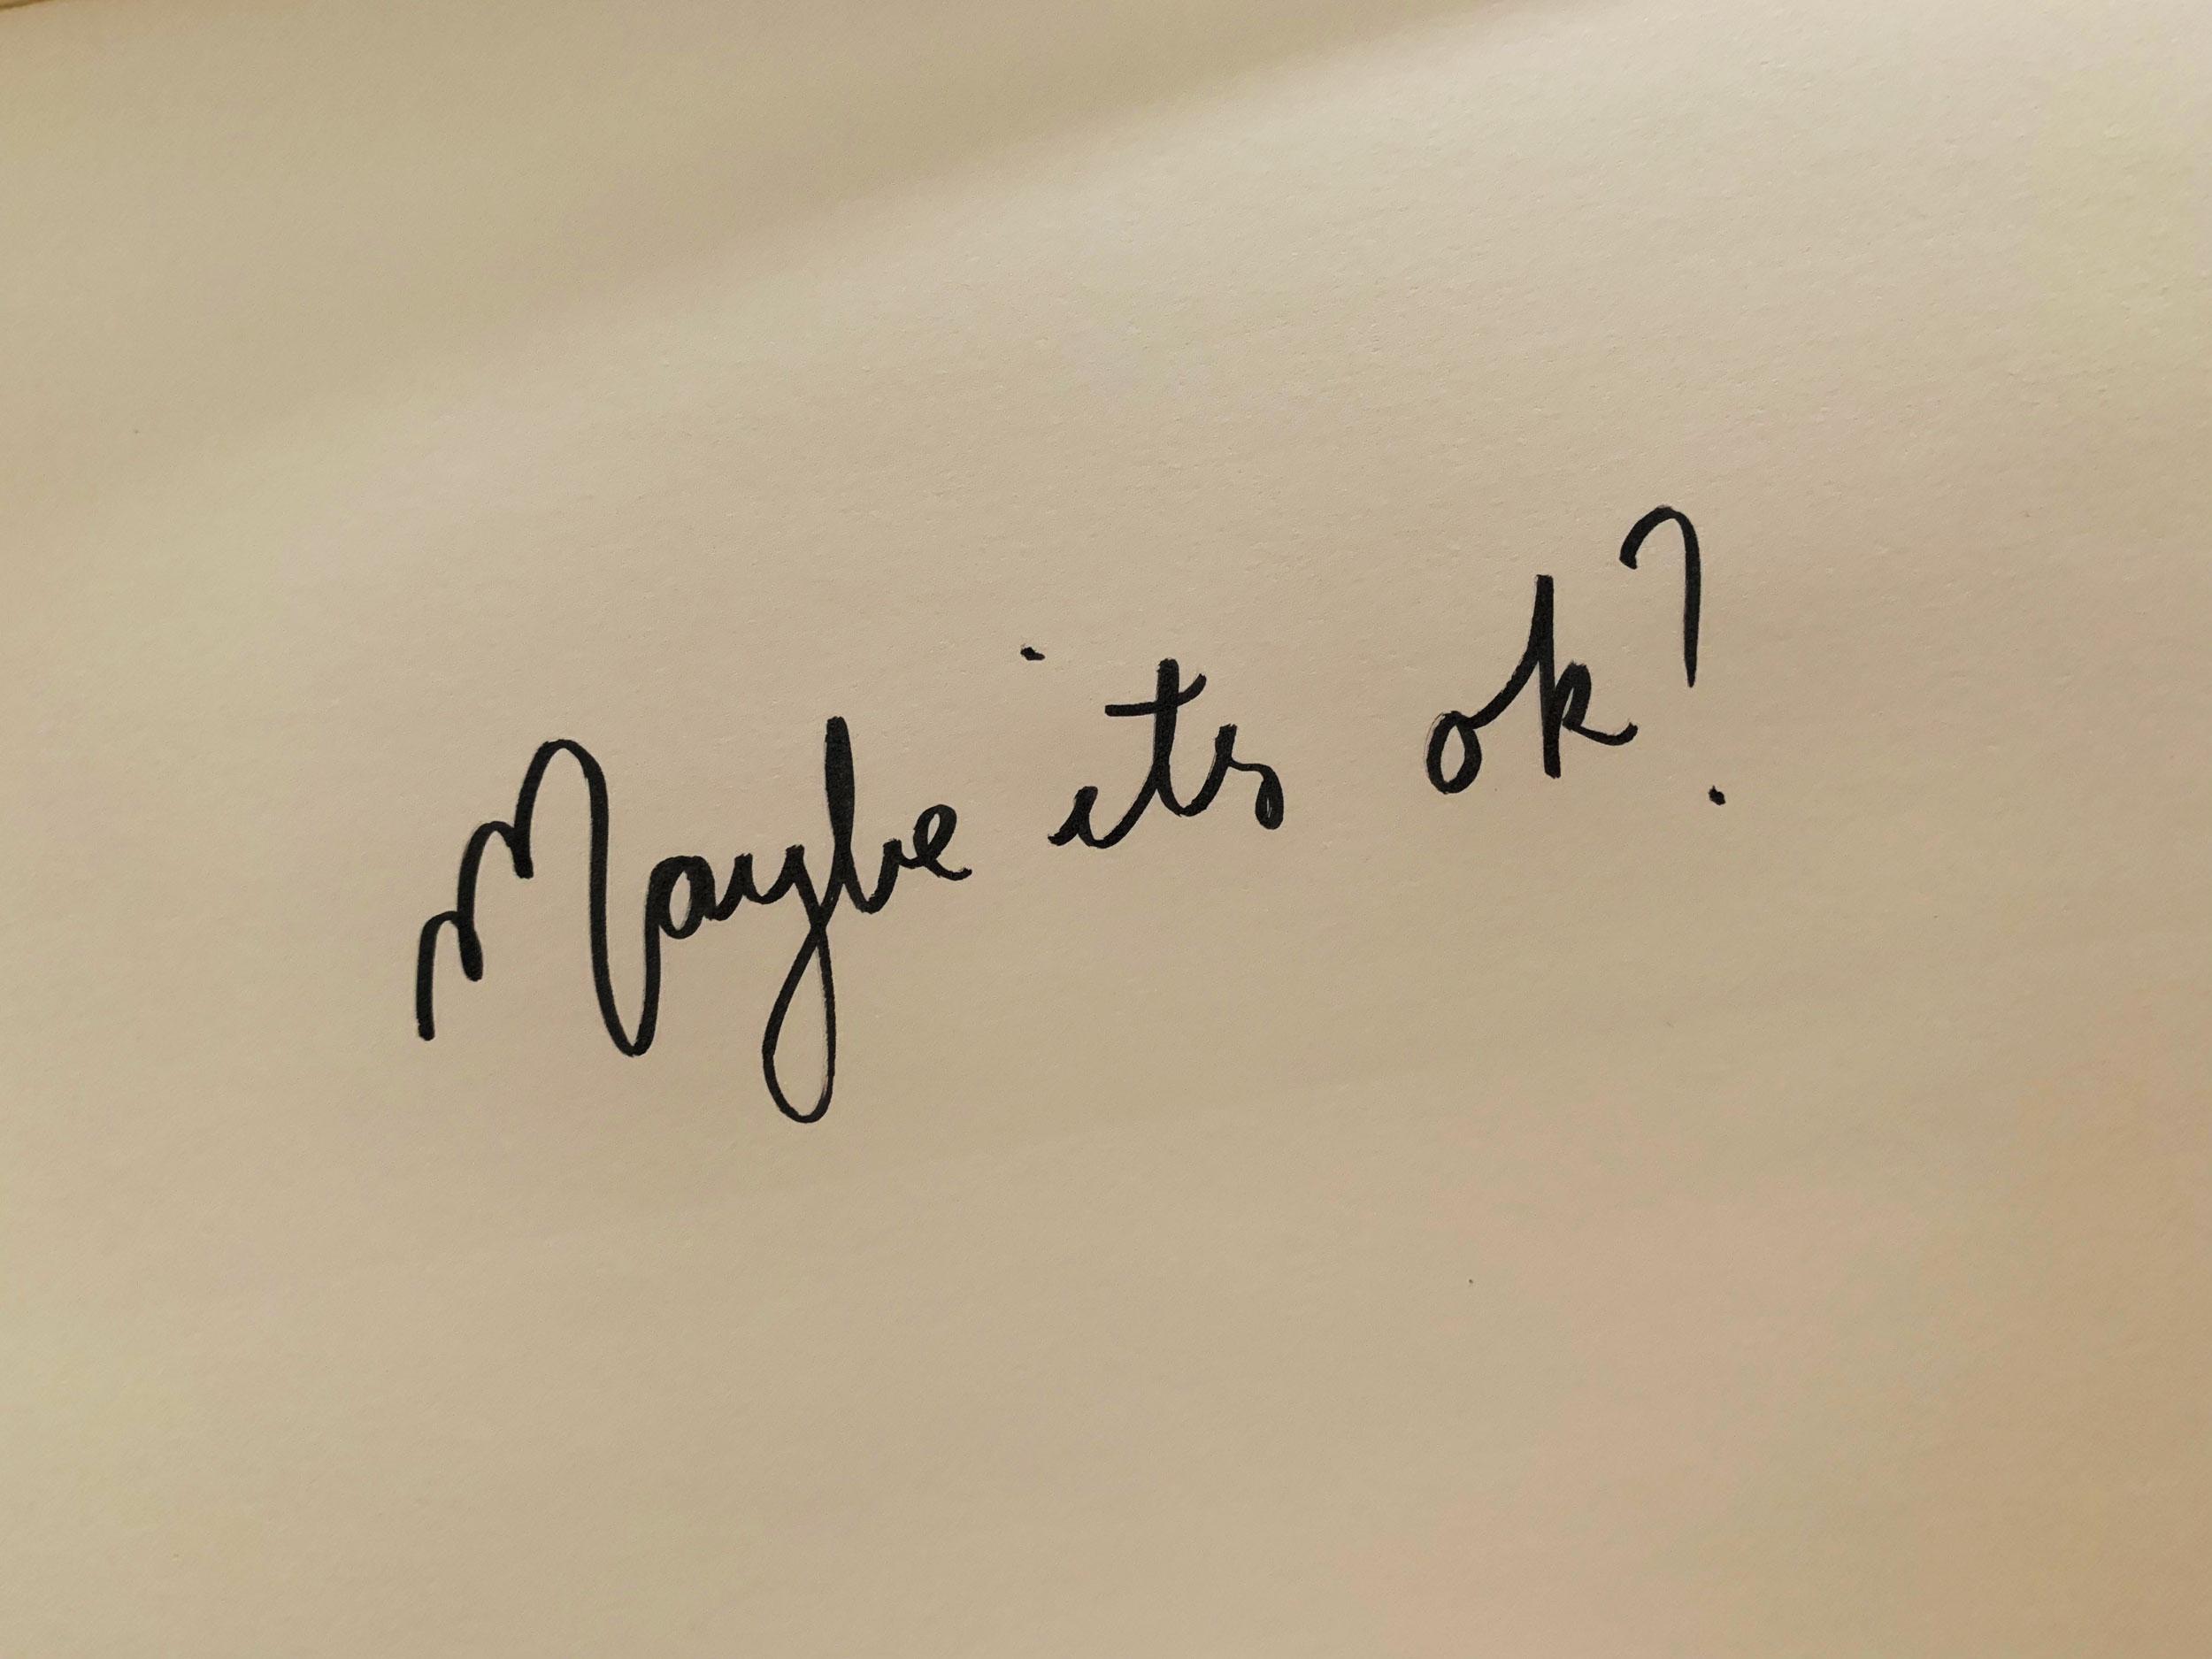 Maybe it's ok? Drawing Luke Hockley.